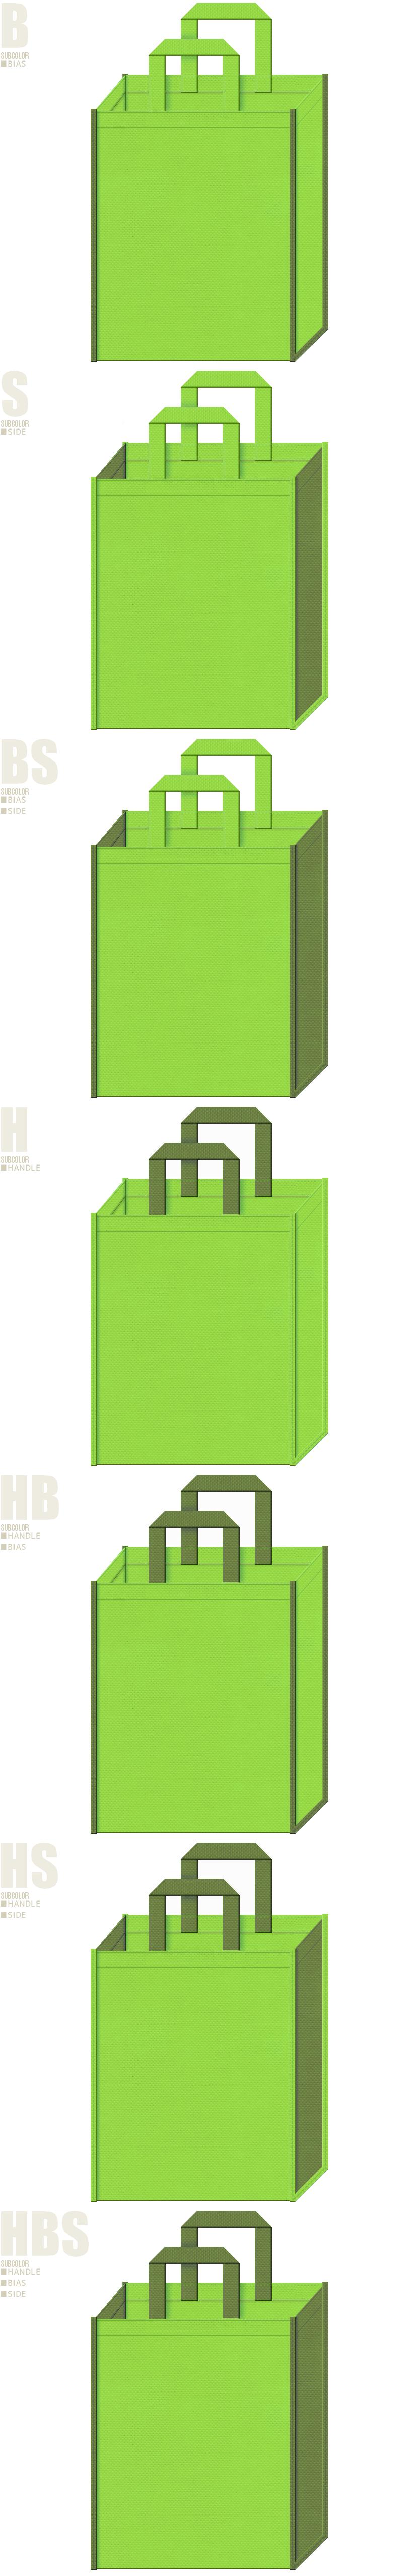 海藻・昆布茶・青汁・緑藻類・健康食品・日本茶・植木・造園・エクステリア・ガーデニング・園芸用品の展示会用バッグにお奨めの不織布バッグデザイン:黄緑色と草色の7パターン